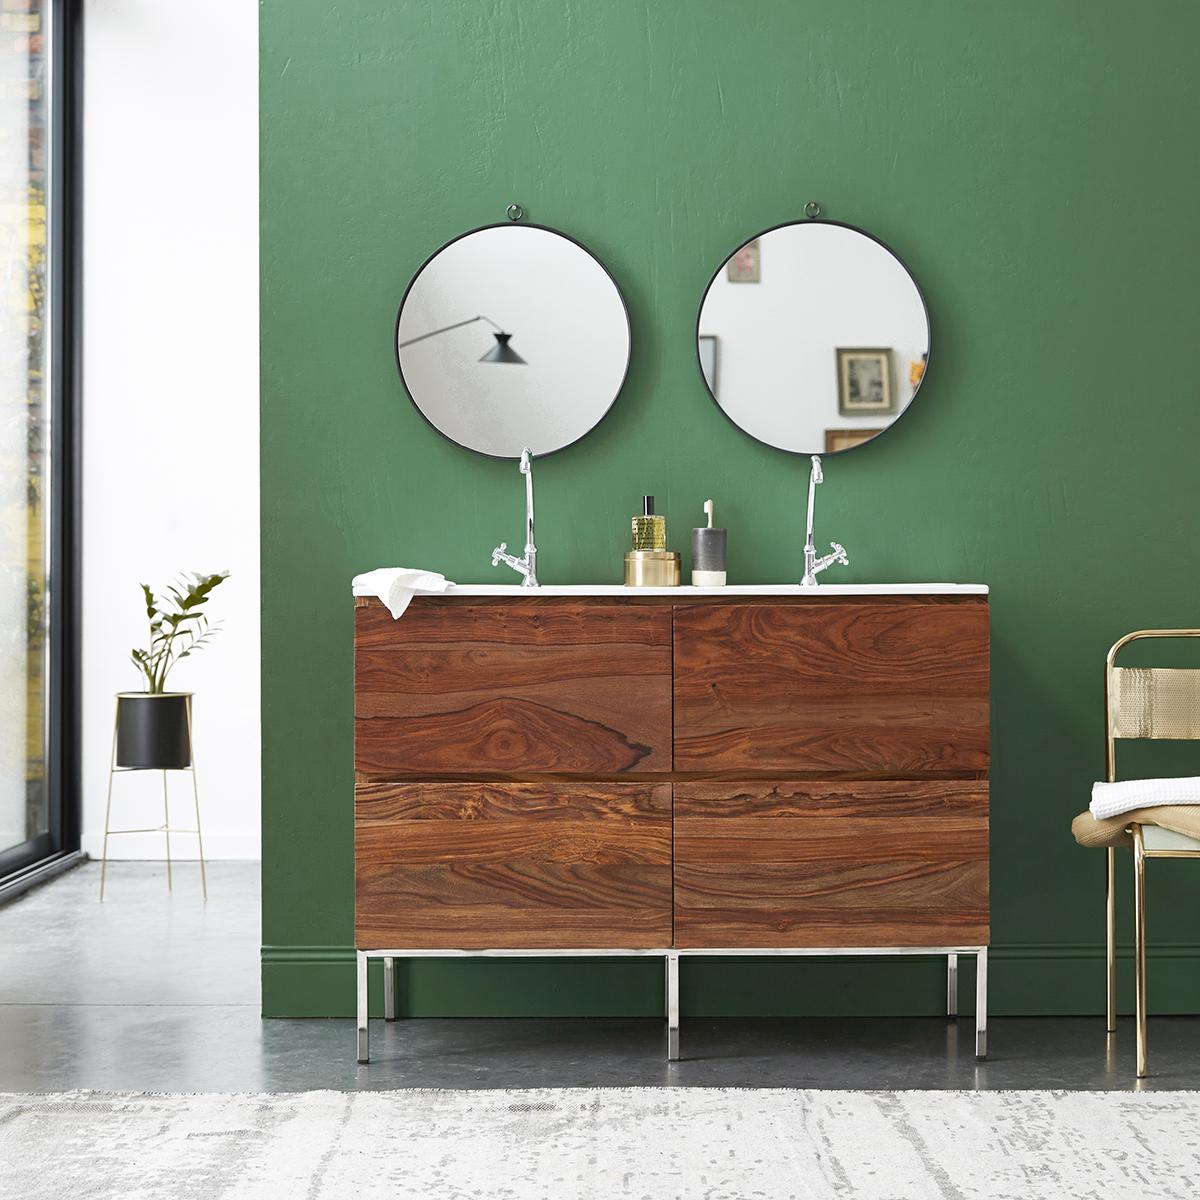 Meuble Salle de bain en palissandre et céramique 120